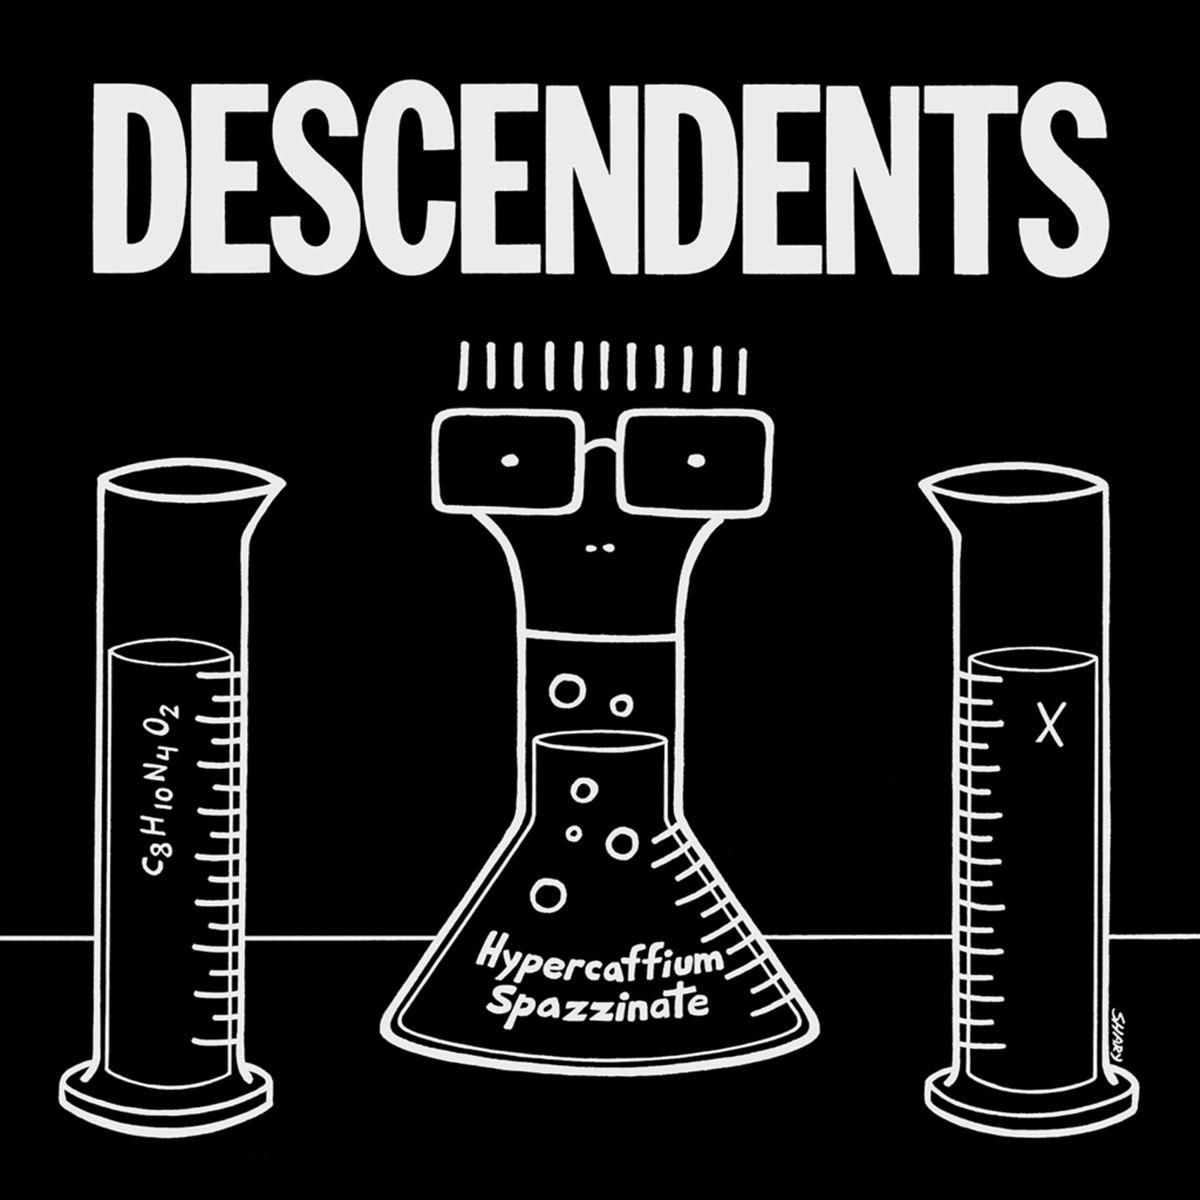 hypercaffium-spazzinate-descendents